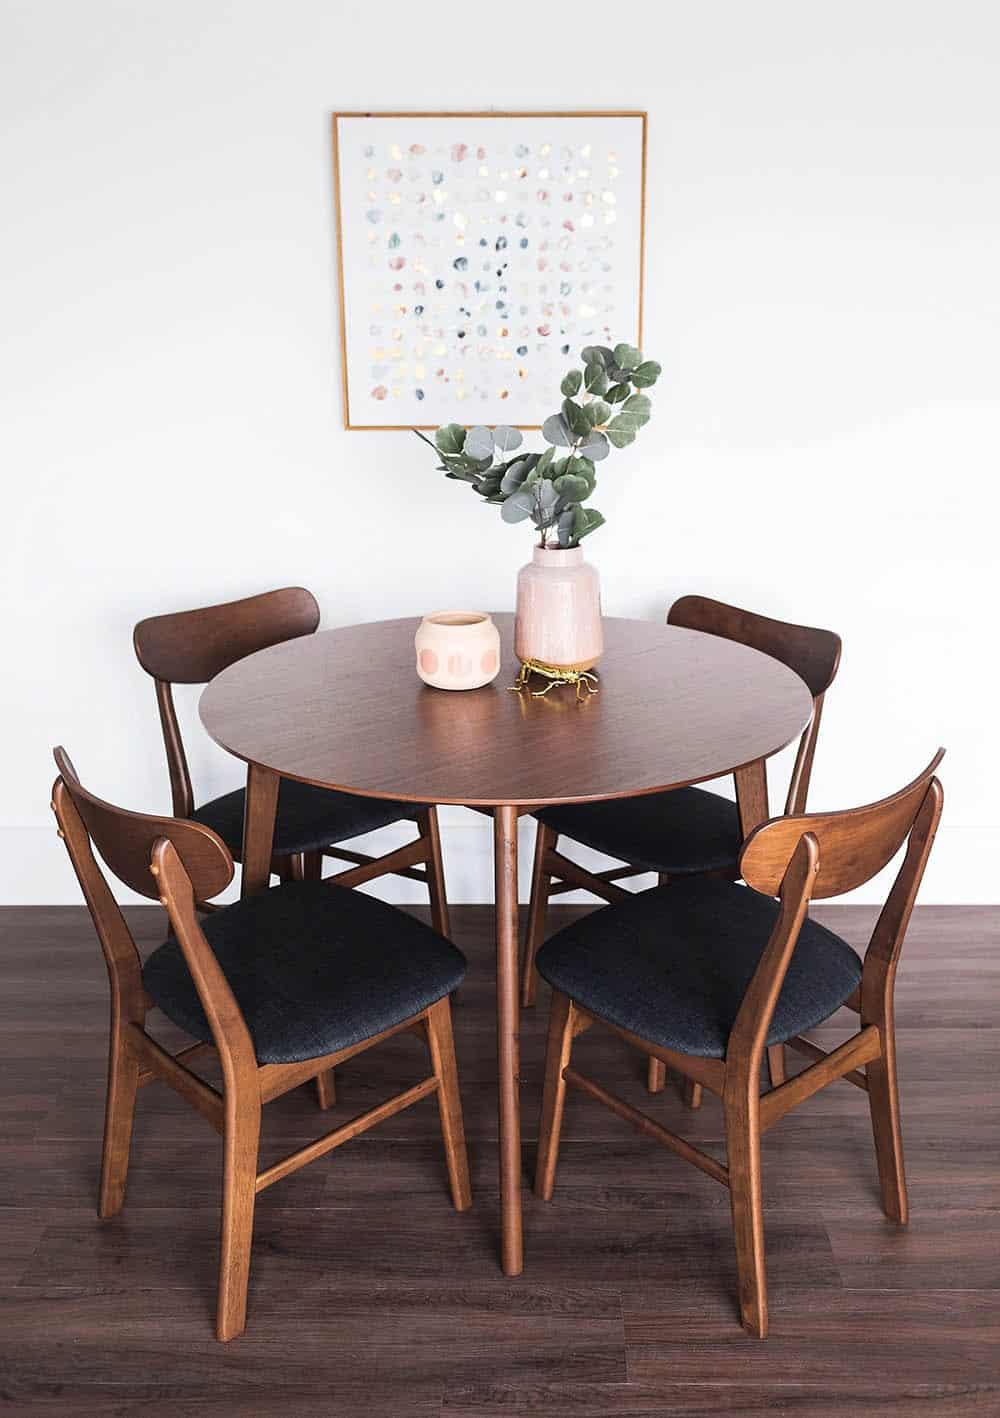 Mẫu bàn nhỏ cho căn hộ chung cư với màu nâu trầm tinh tế